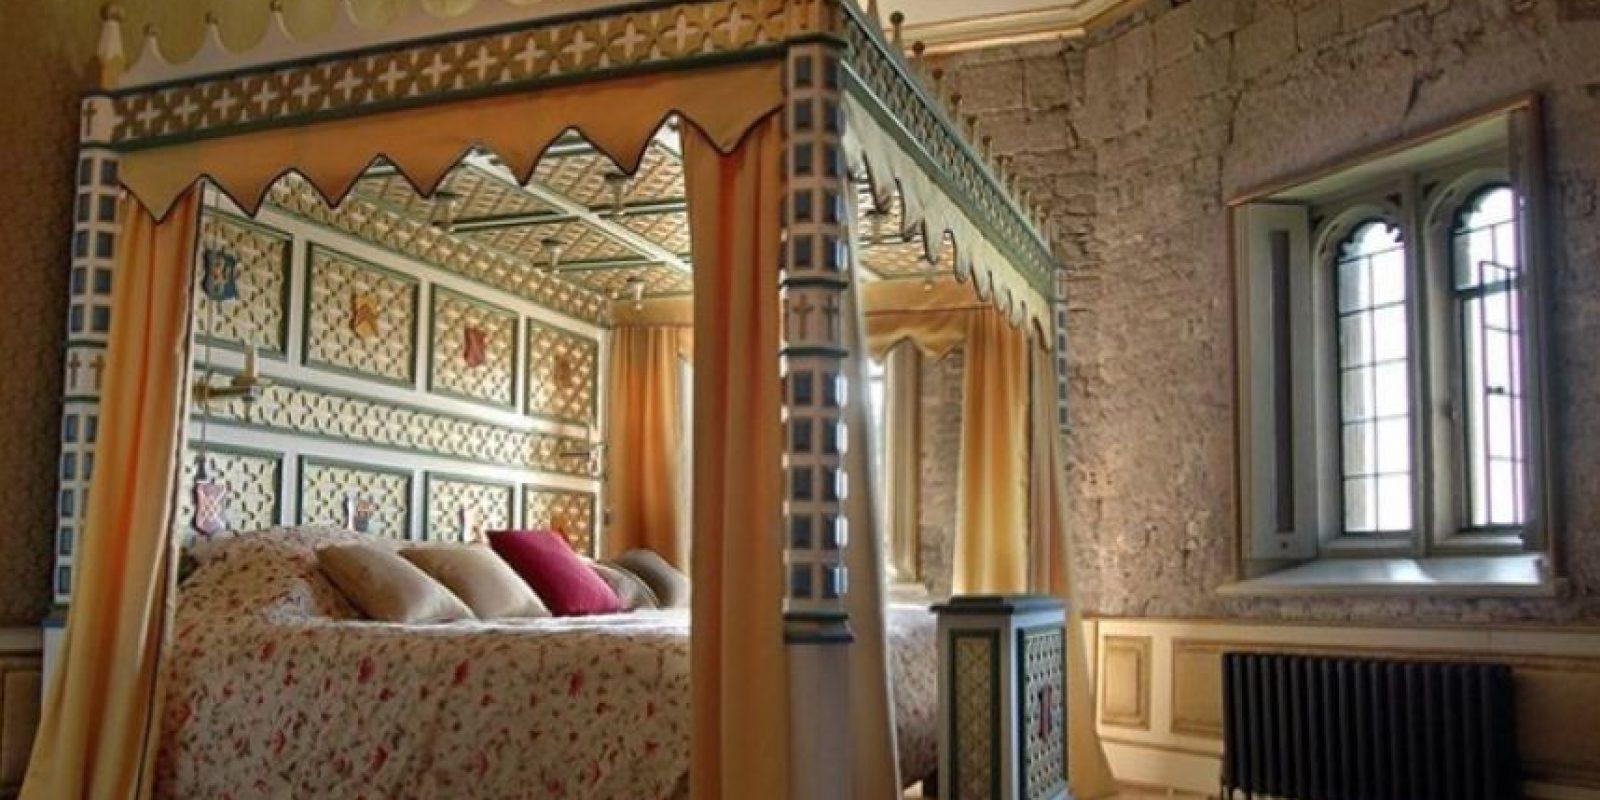 La noche llega a tener un costo de hasta 460 dólares Foto:Thornburycastle.co.uk